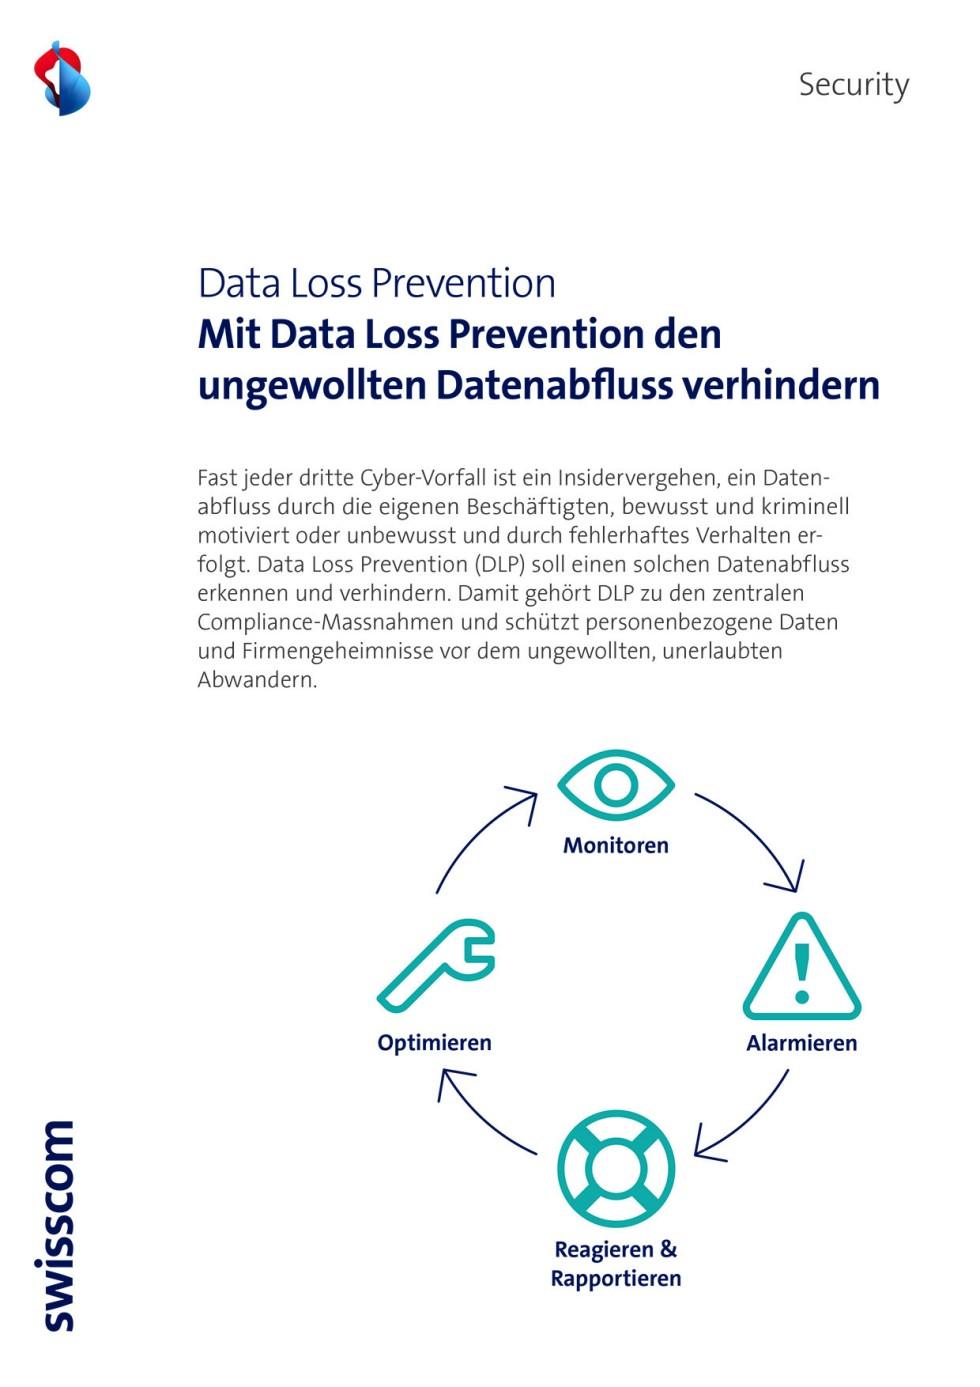 Titelbild des Infopaketes: Data Loss Prevention